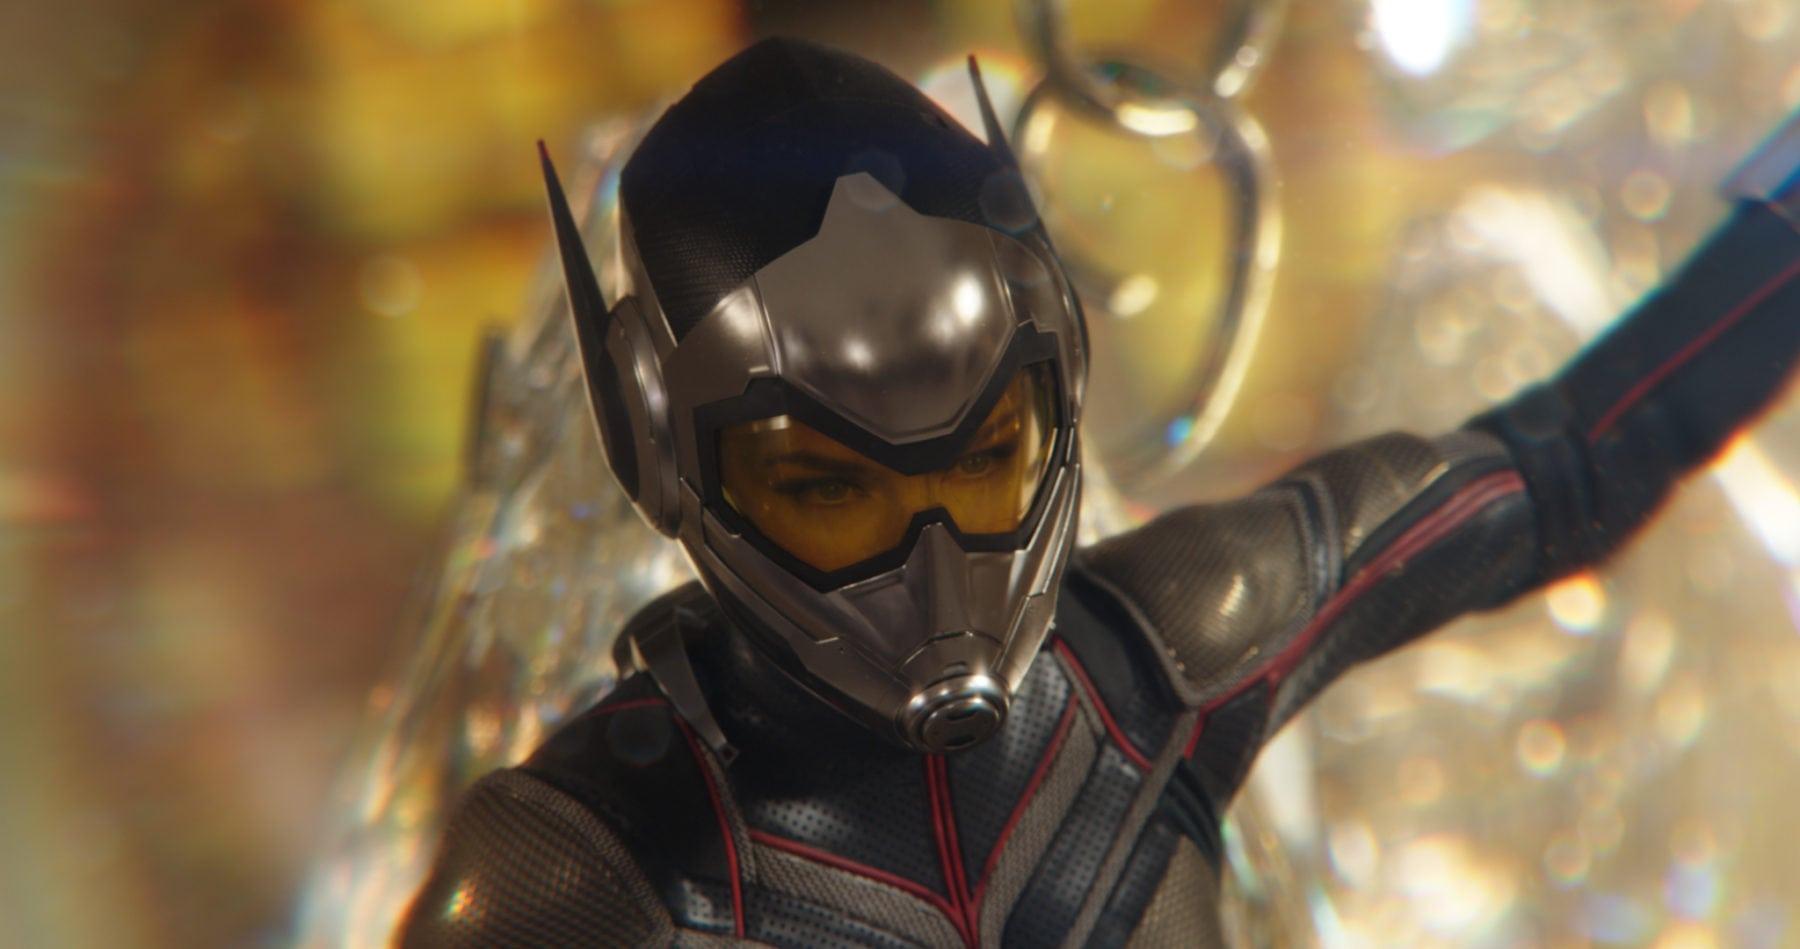 Evangeline Lilly quisiera ver al Capitán Marvel de Brie Larson liderando un equipo de Vengadores